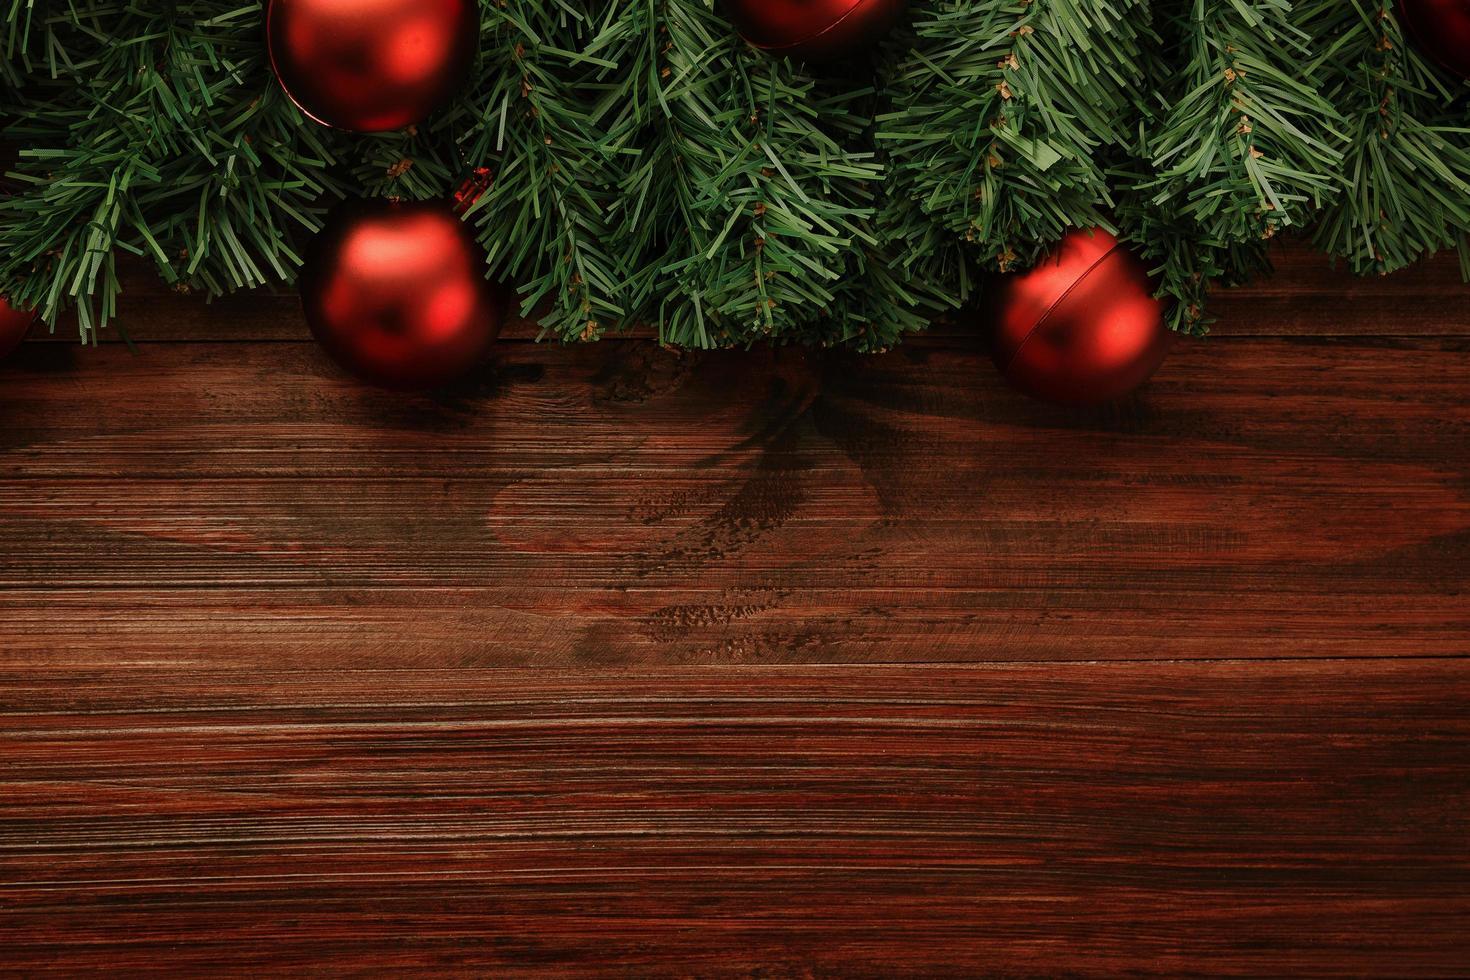 Weihnachten und Neujahr mit roten Kugeln Dekoration auf Holztisch Hintergrund Draufsicht mit Kopie Raum foto